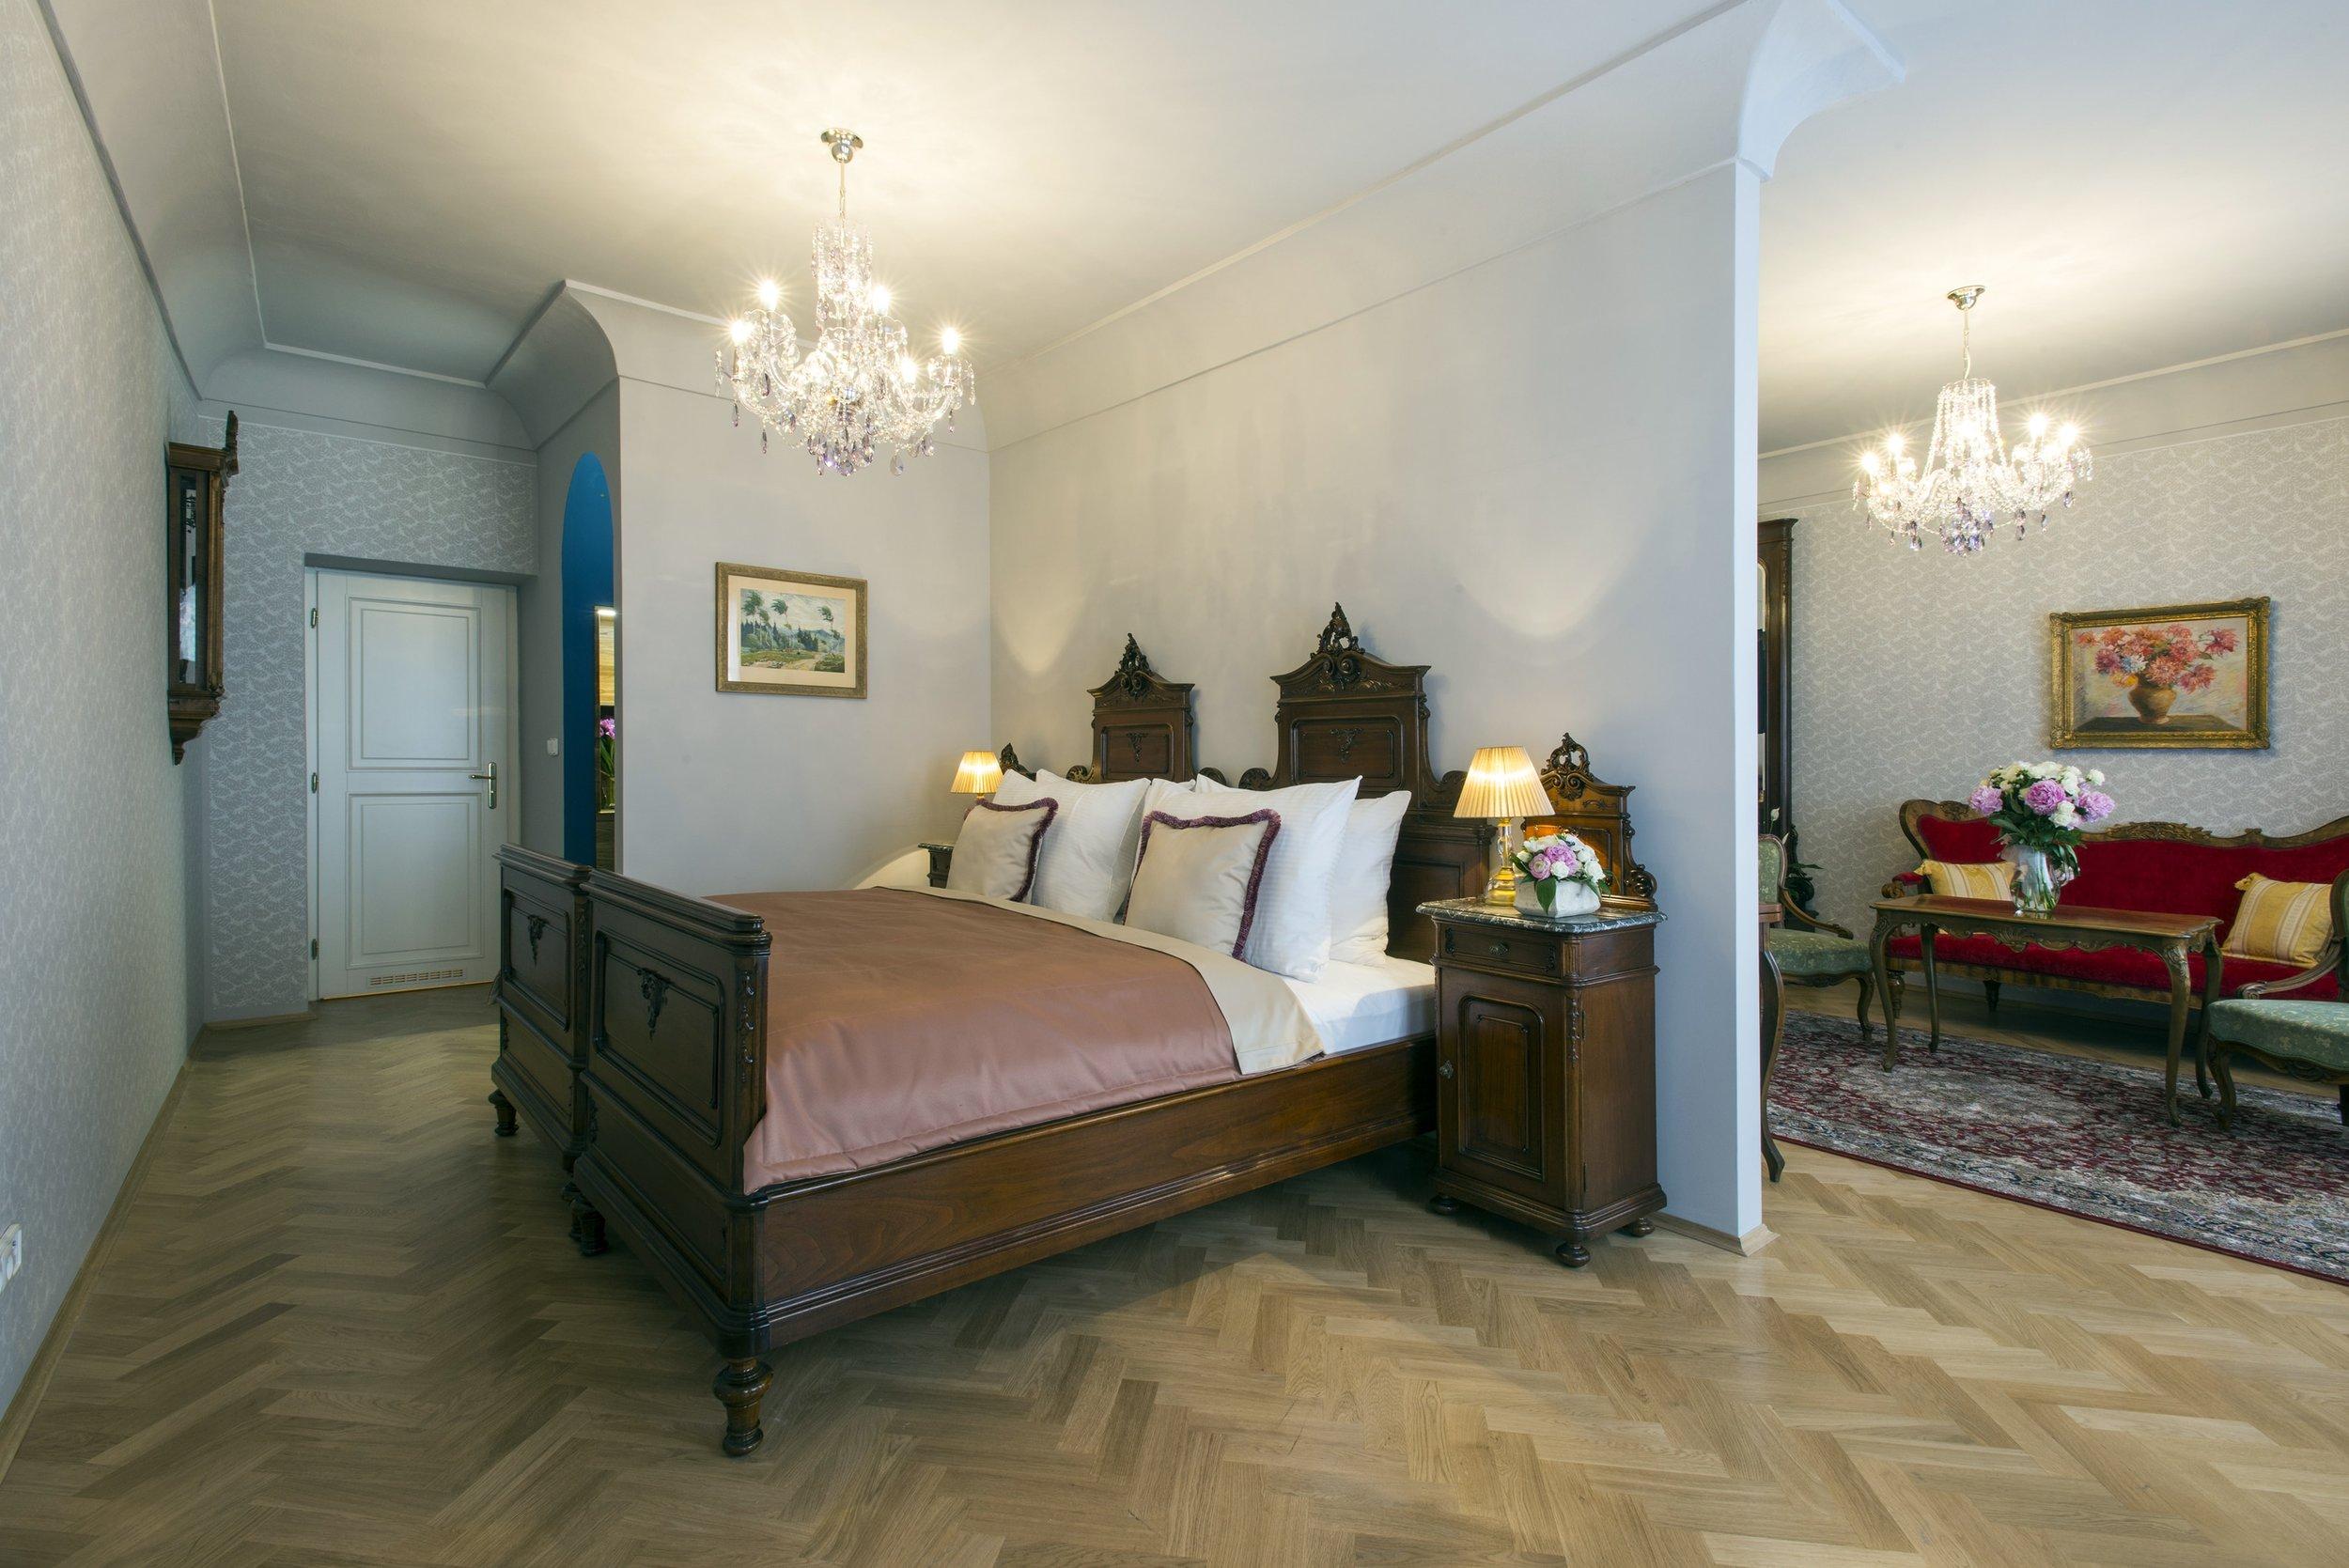 boutique-hotel-constans-wranovsky-crystal-chandelier-2.jpg